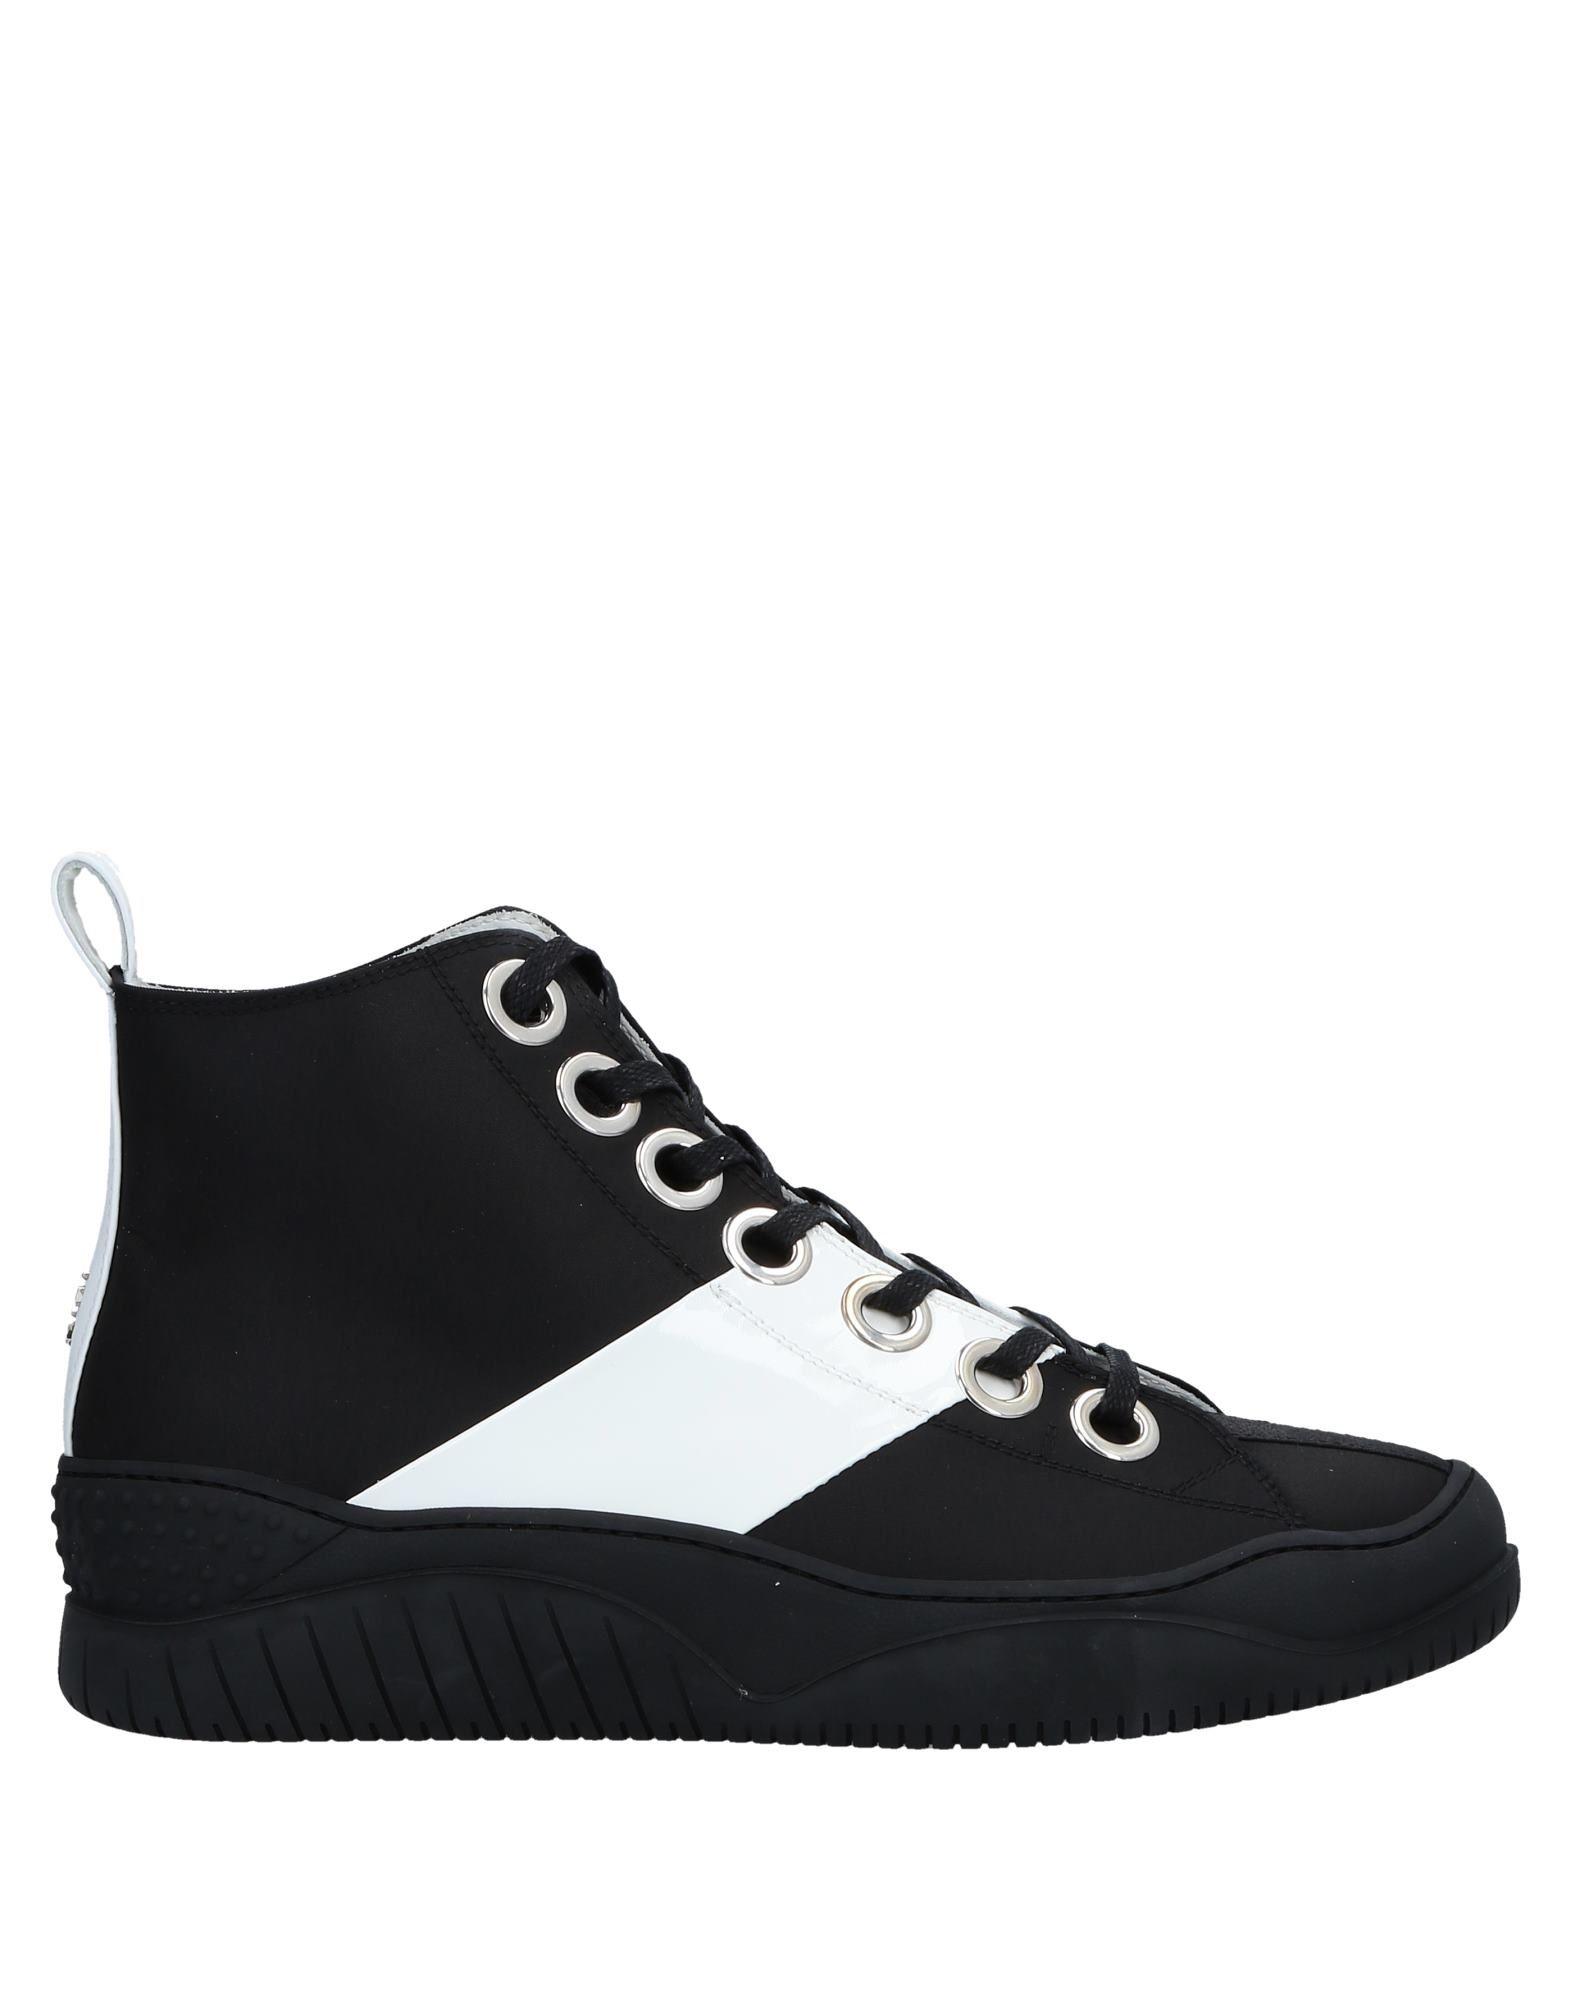 Sneakers N° 21 Uomo - 11533365JG